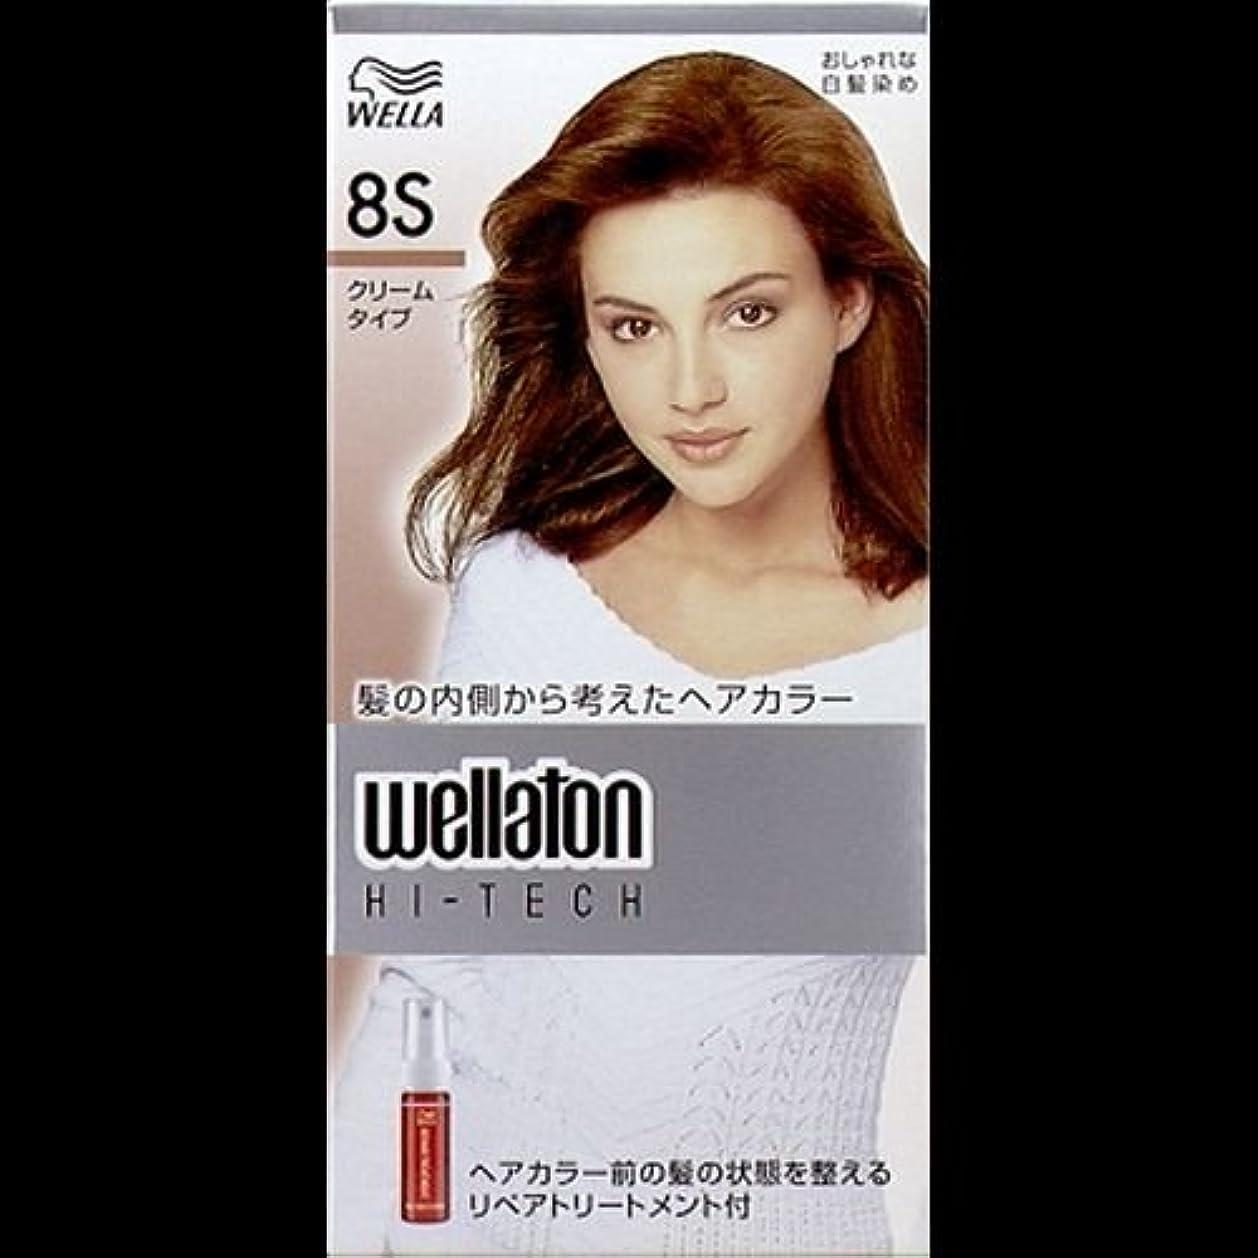 バスタブタンパク質ワードローブ【まとめ買い】ウエラトーン ハイテッククリーム 8S ×2セット